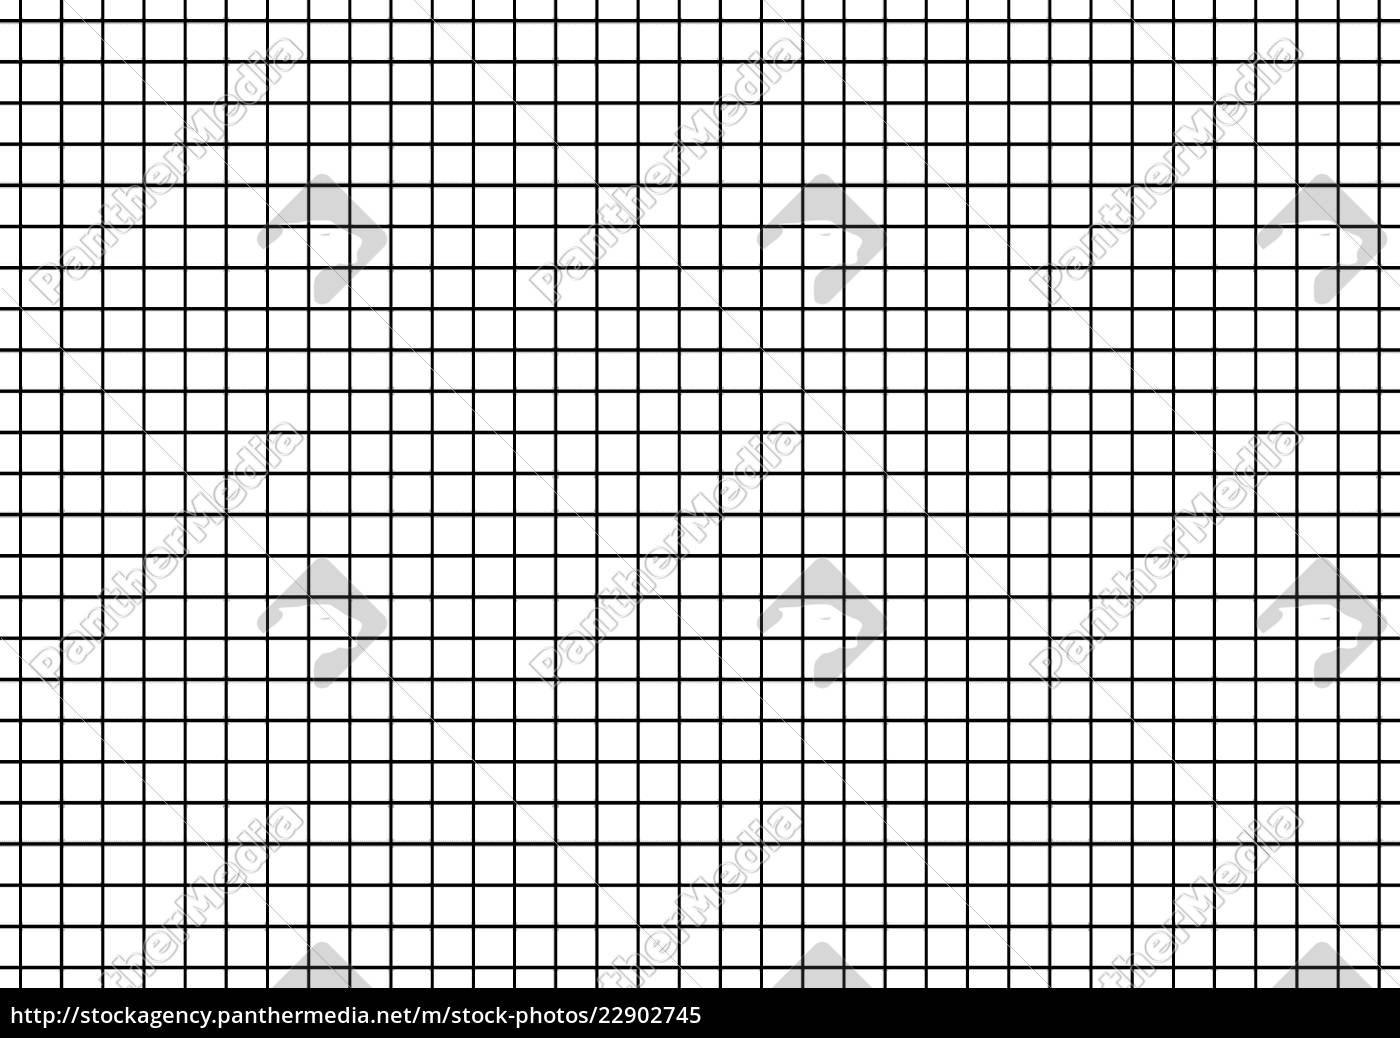 Lizenzfreies Bild 22902745 - Kariertes Papier Schwarz Weiß in Kariertes Blatt